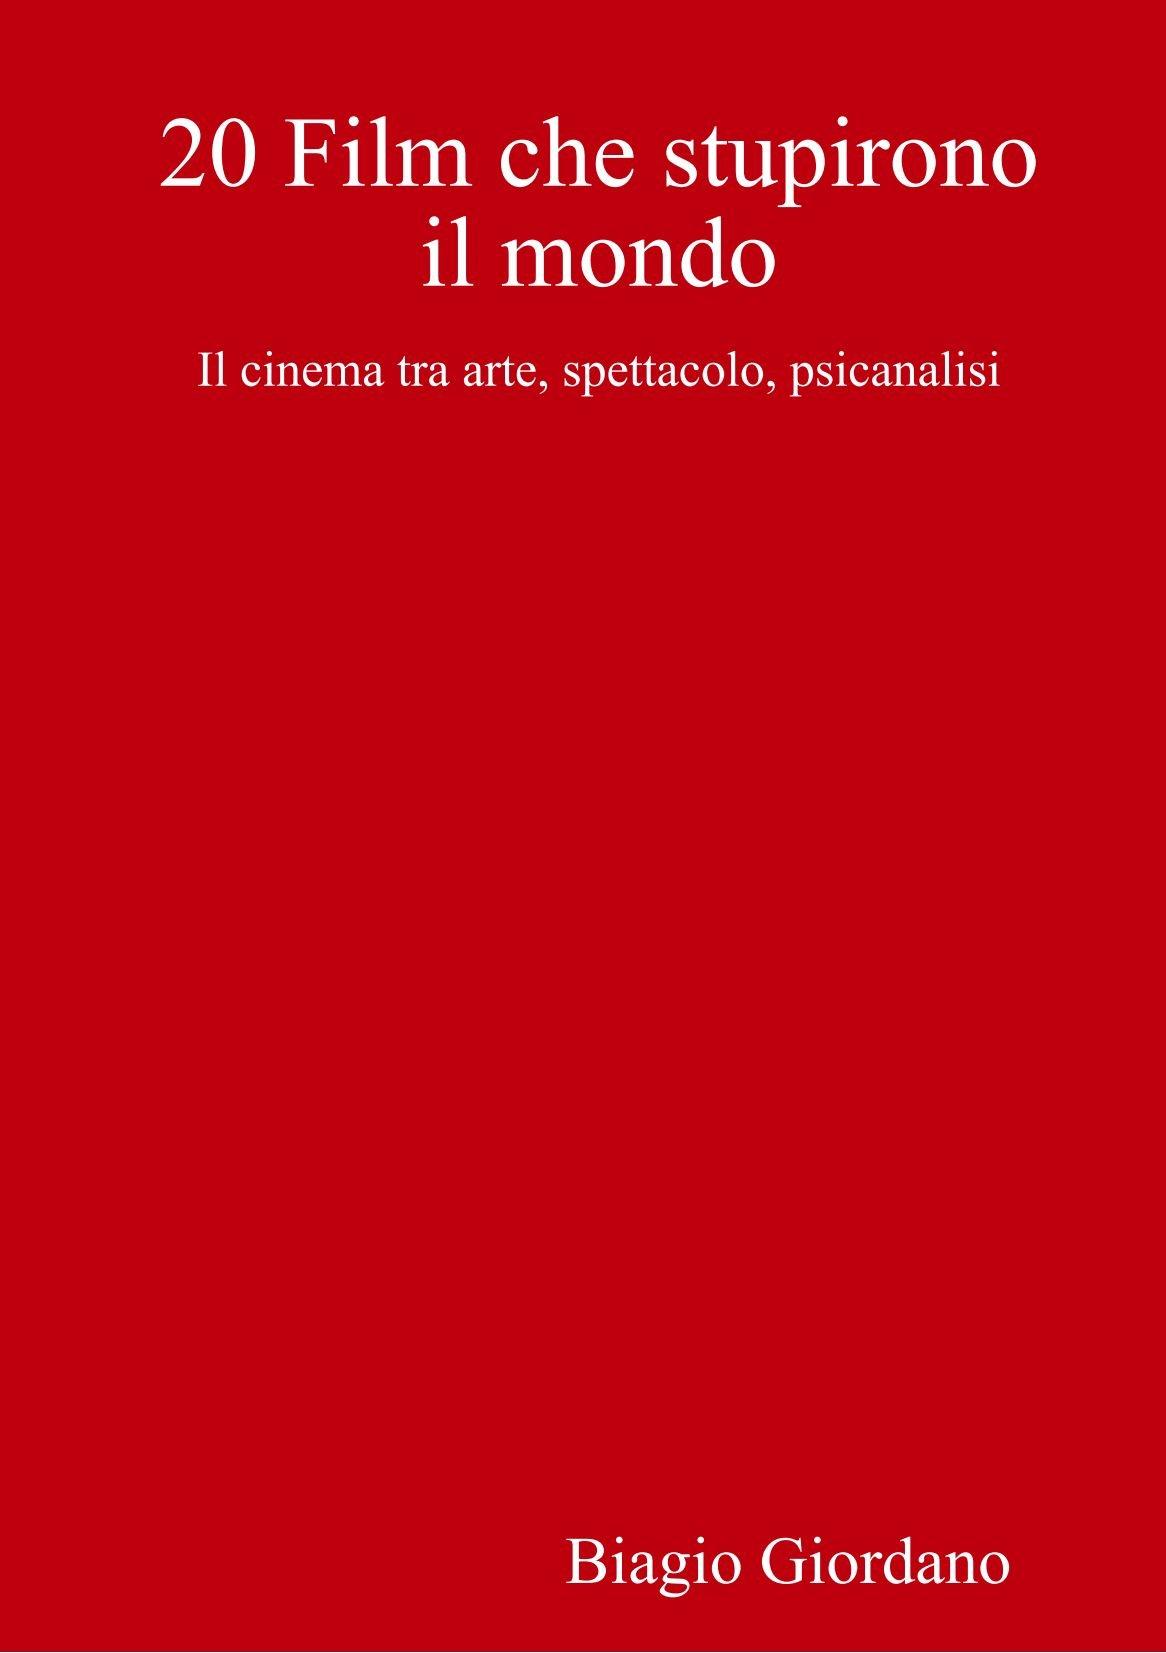 Download 20 Film che stupirono il mondo (Italian Edition) PDF